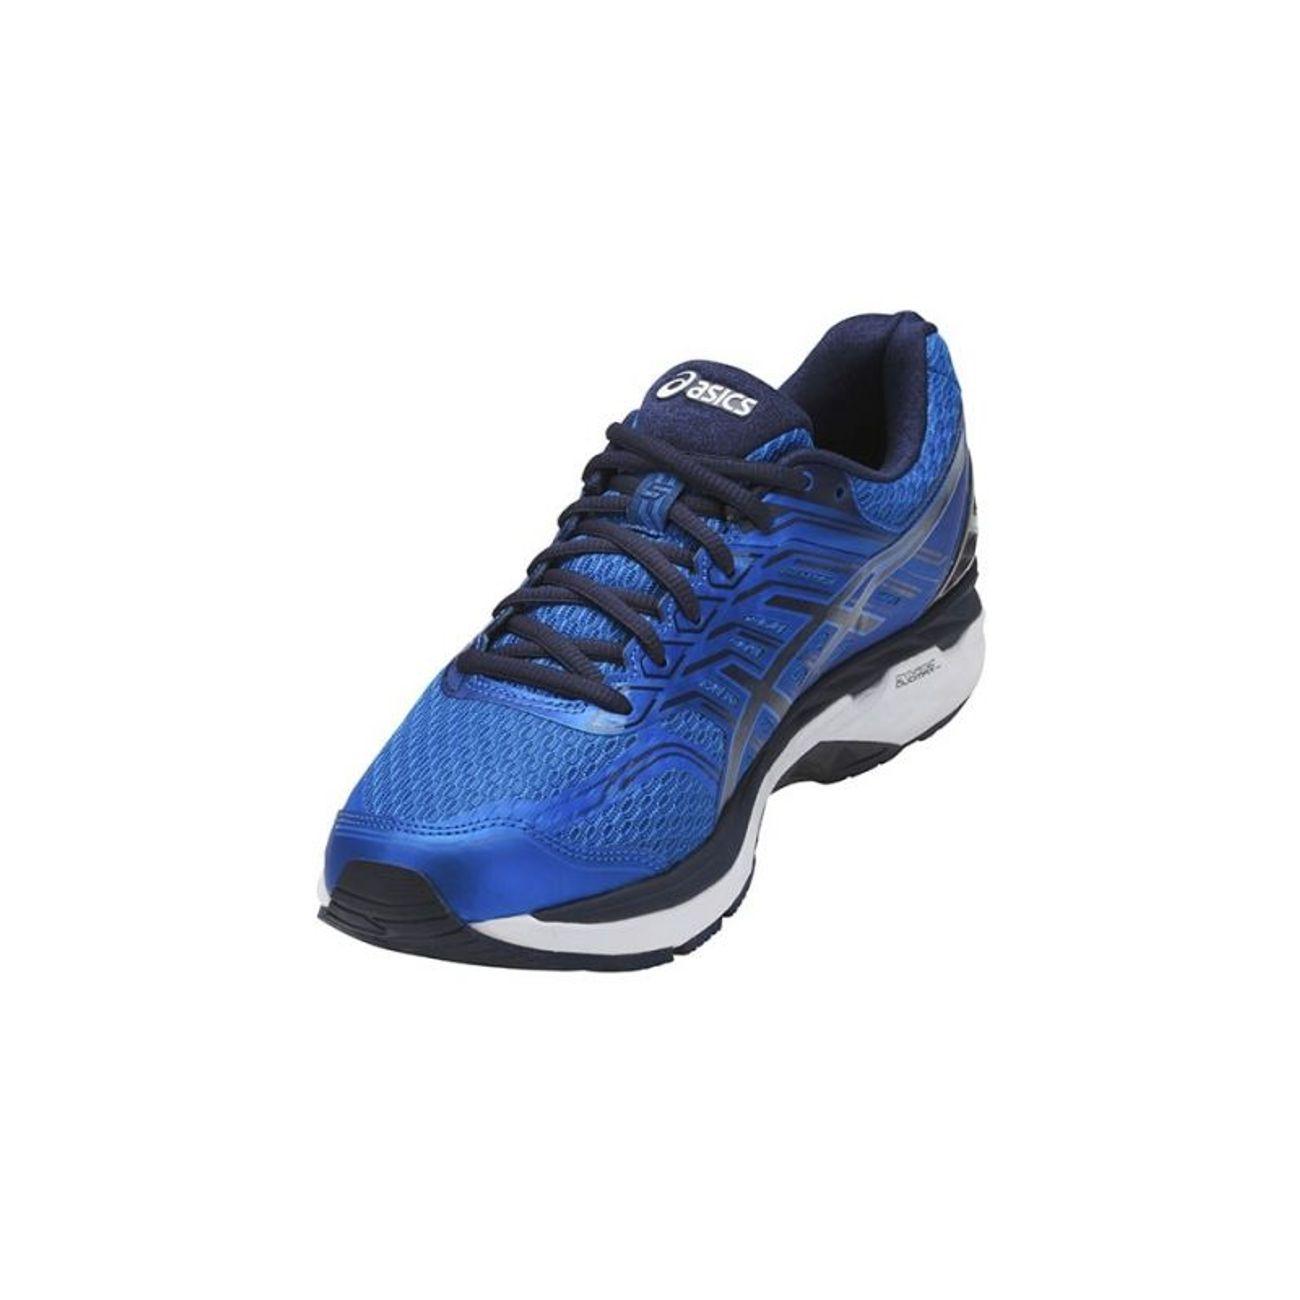 Running 5 Noir 2000 Bleu T707n Gt Asics 4358 Adulte 6ybY7gf